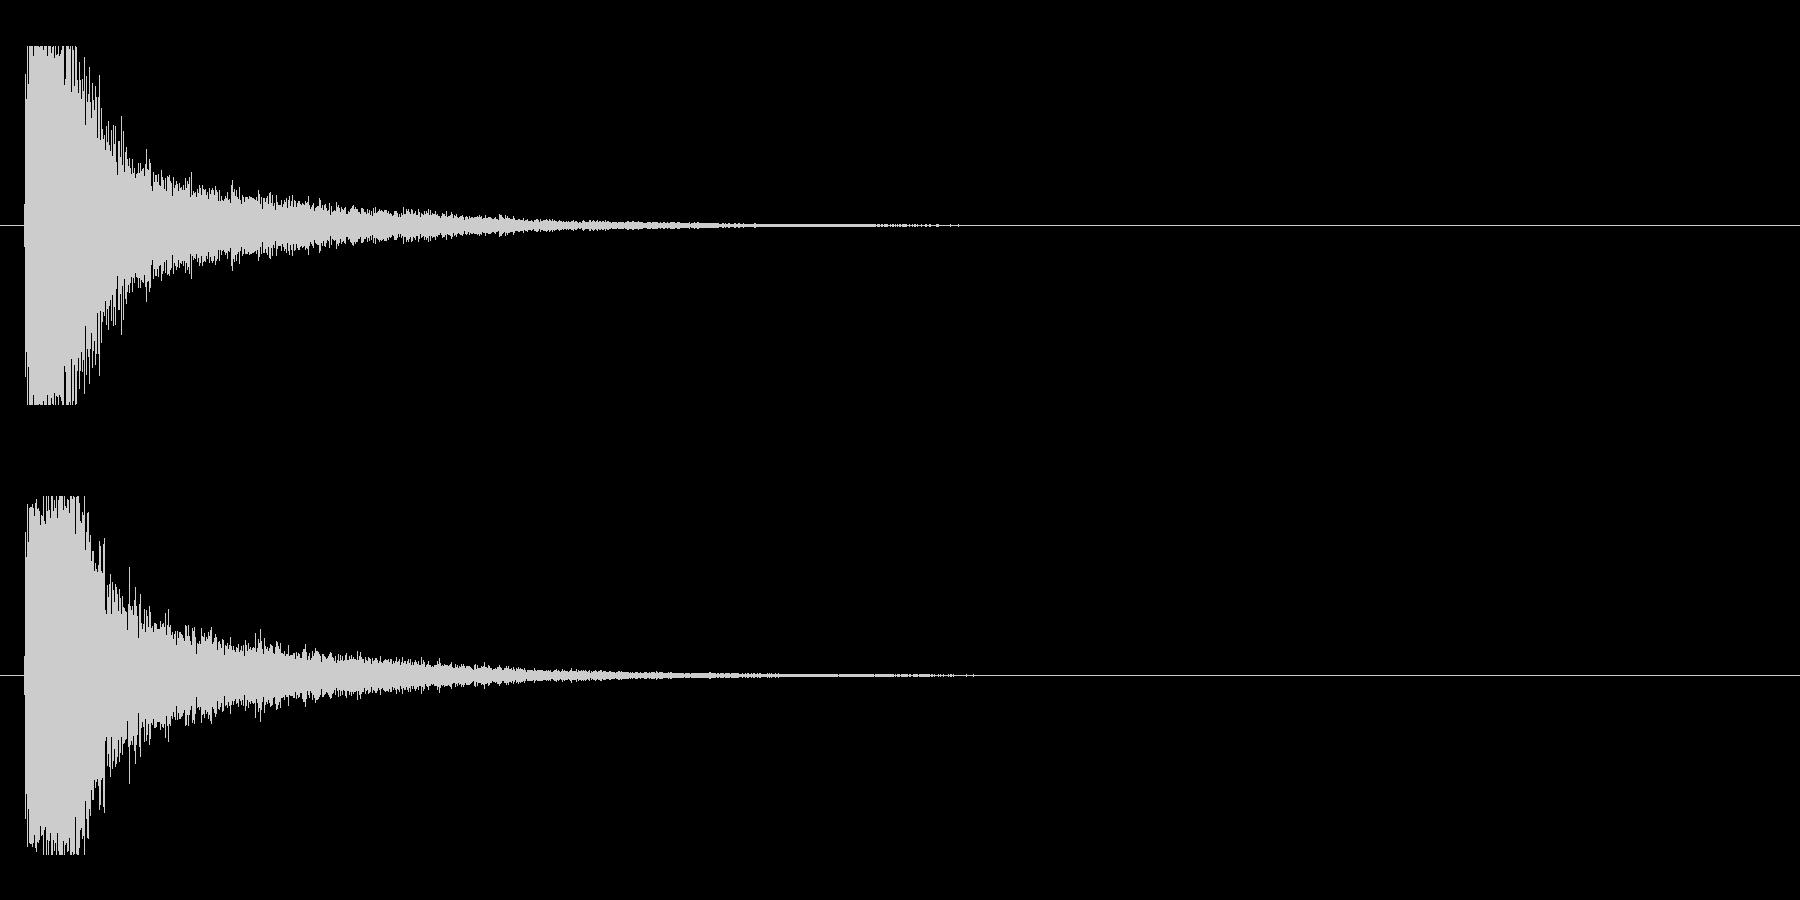 レーザー音-11-1の未再生の波形